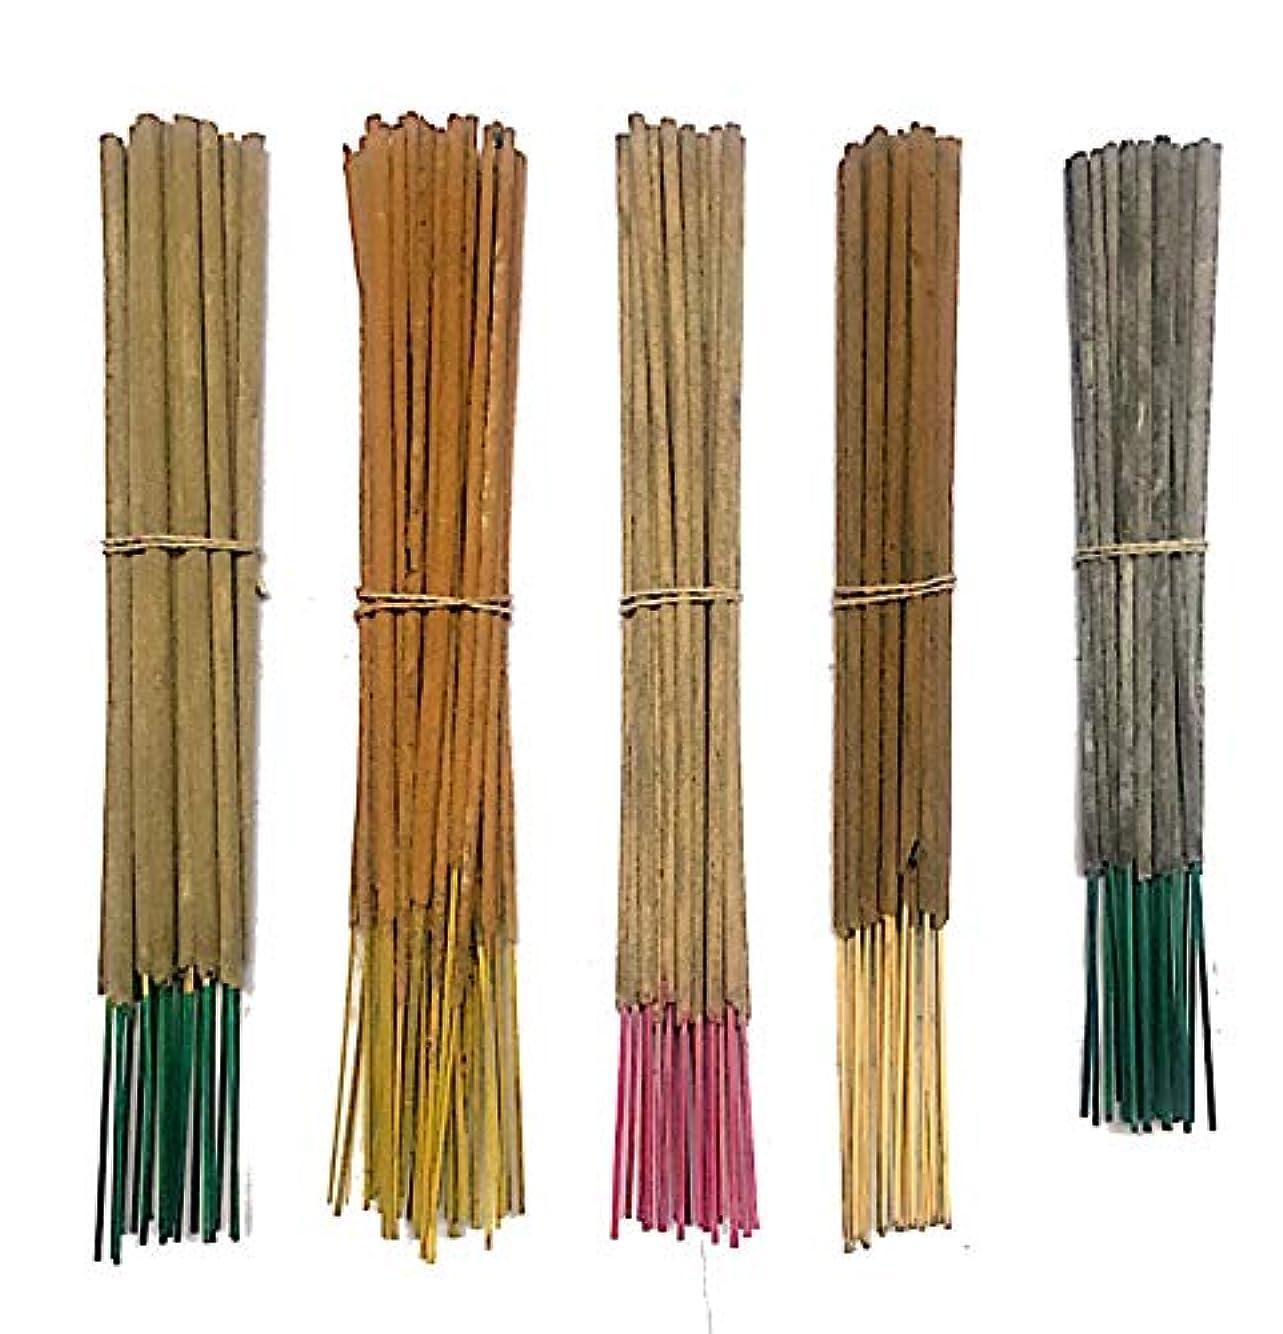 ミシン目ベルト入射Inaki Incense Sticksプレミアム5 Fragrance Infused with Essential Oilsパック40 gm各 – Natural長持ちホーム&インドアFragrance (200グラムパック)